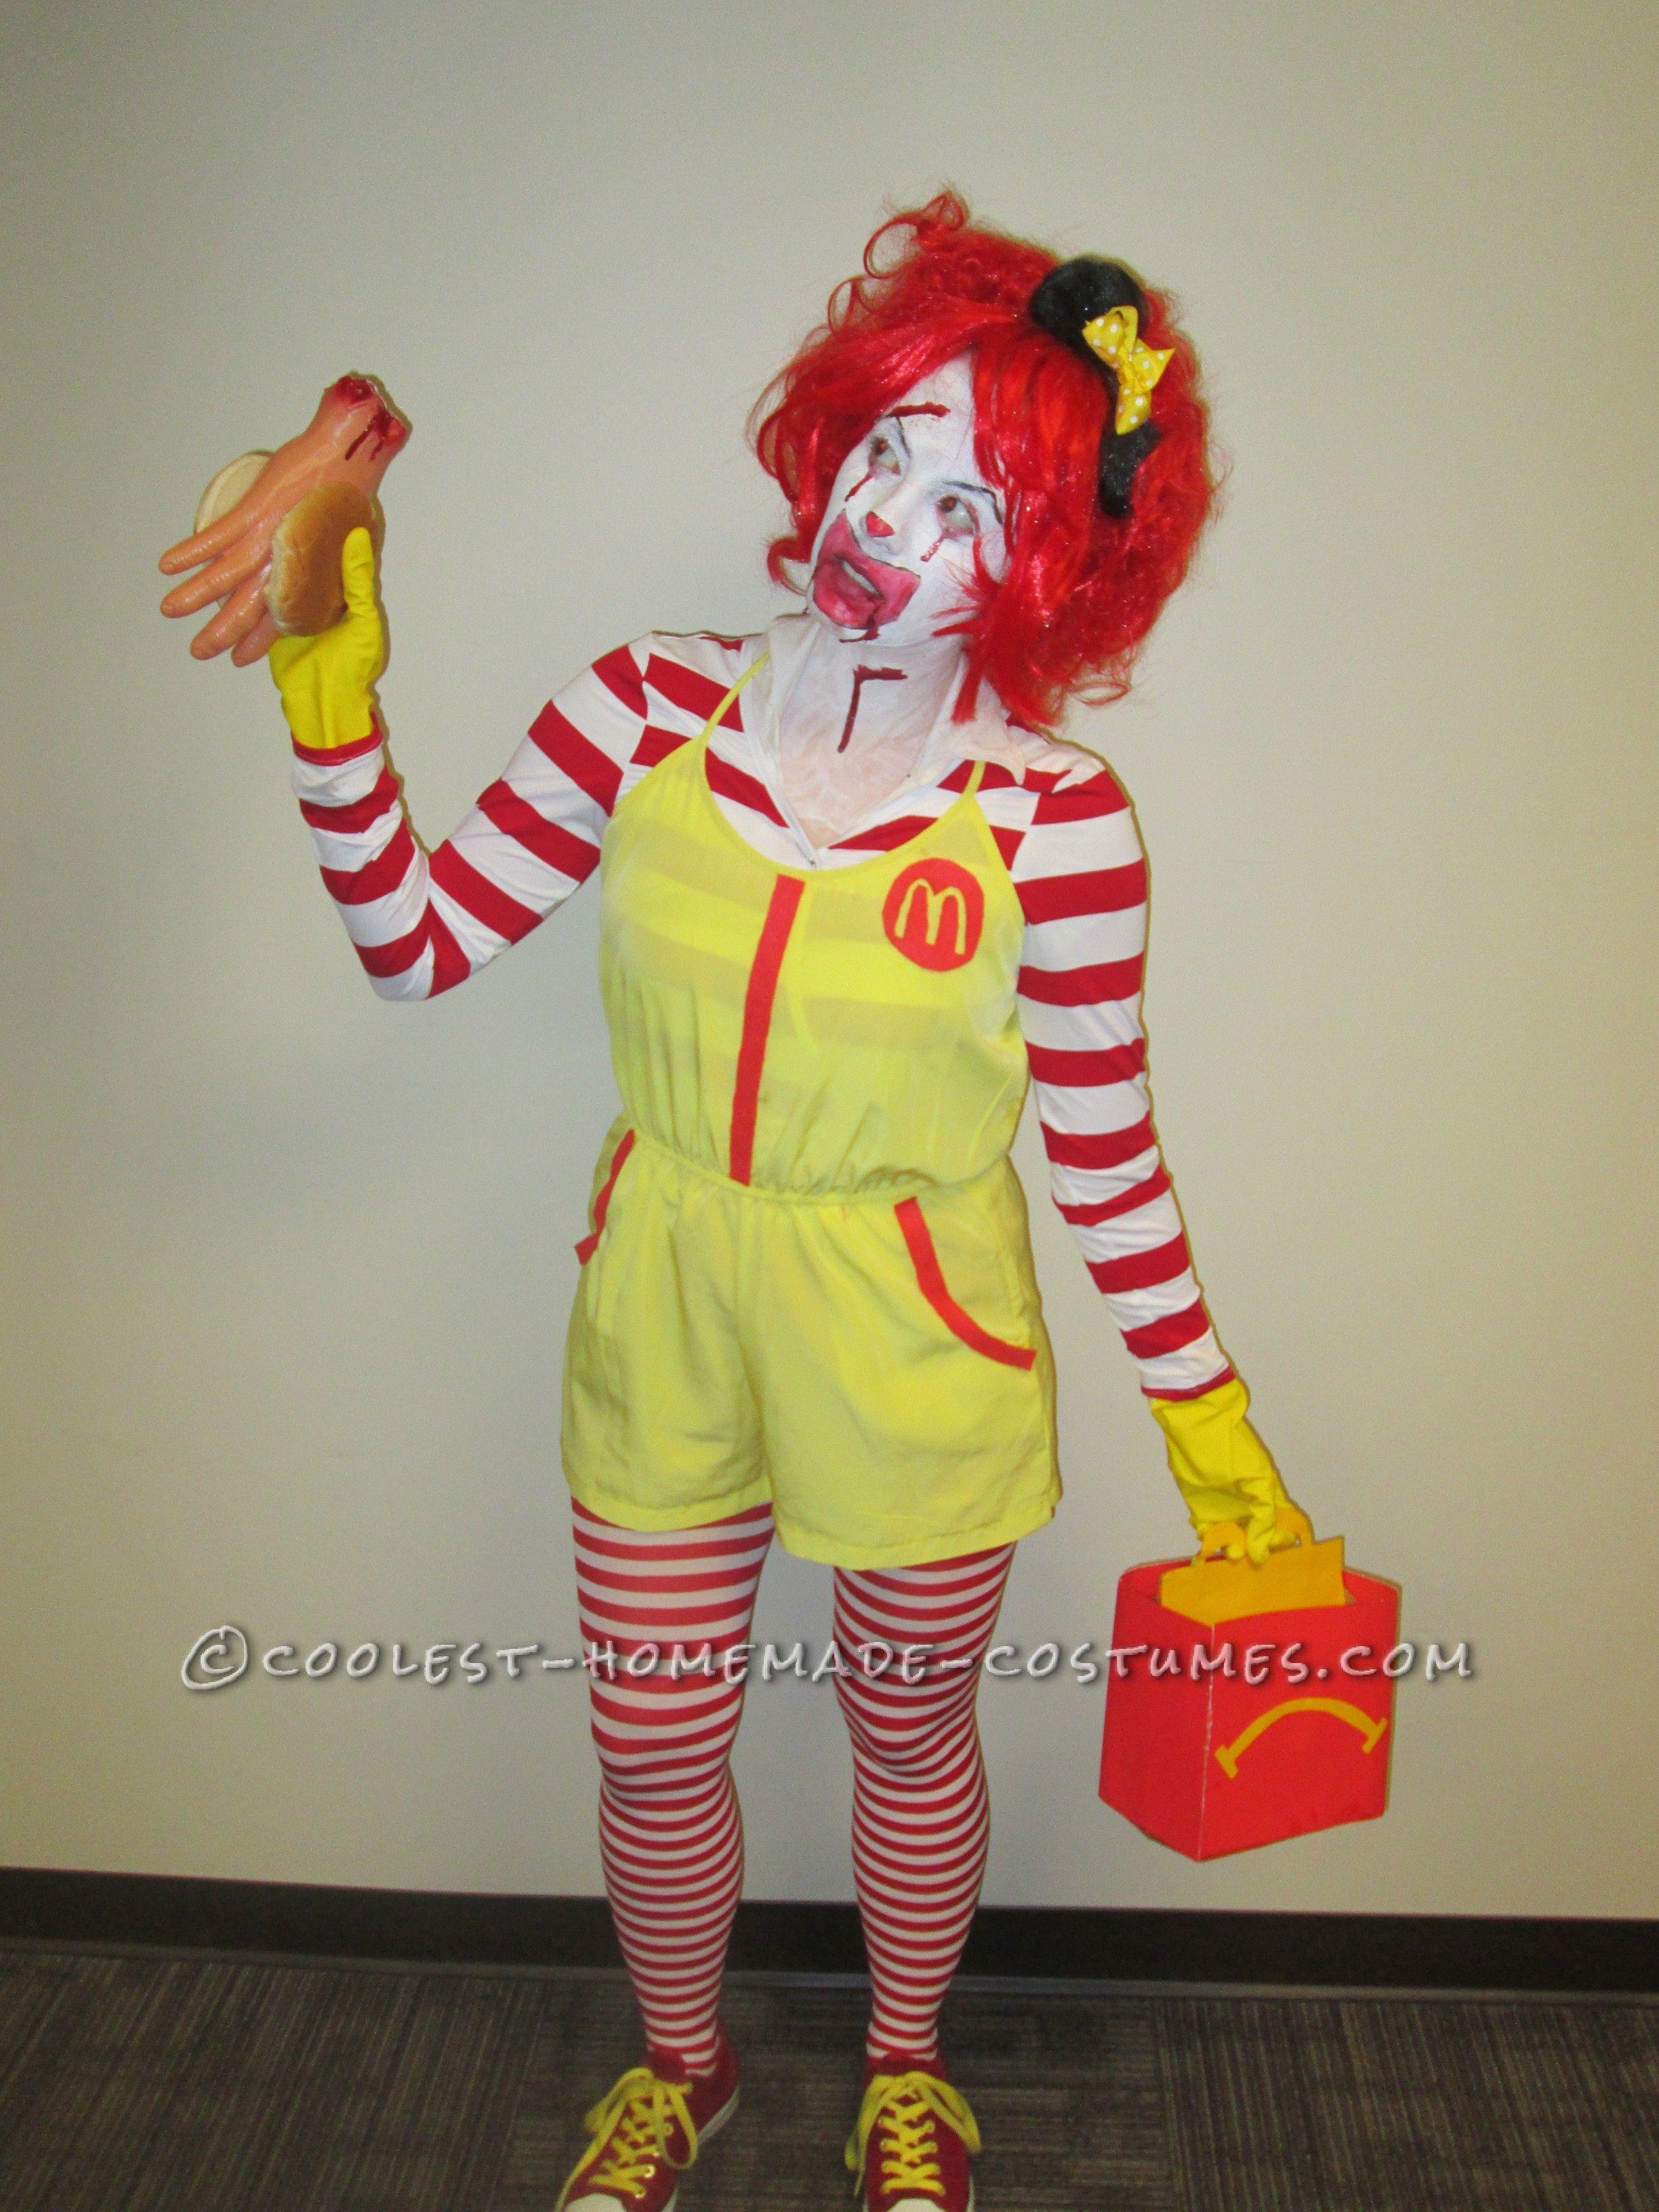 super creepy serial killer ronald mcdonald costume | coolest